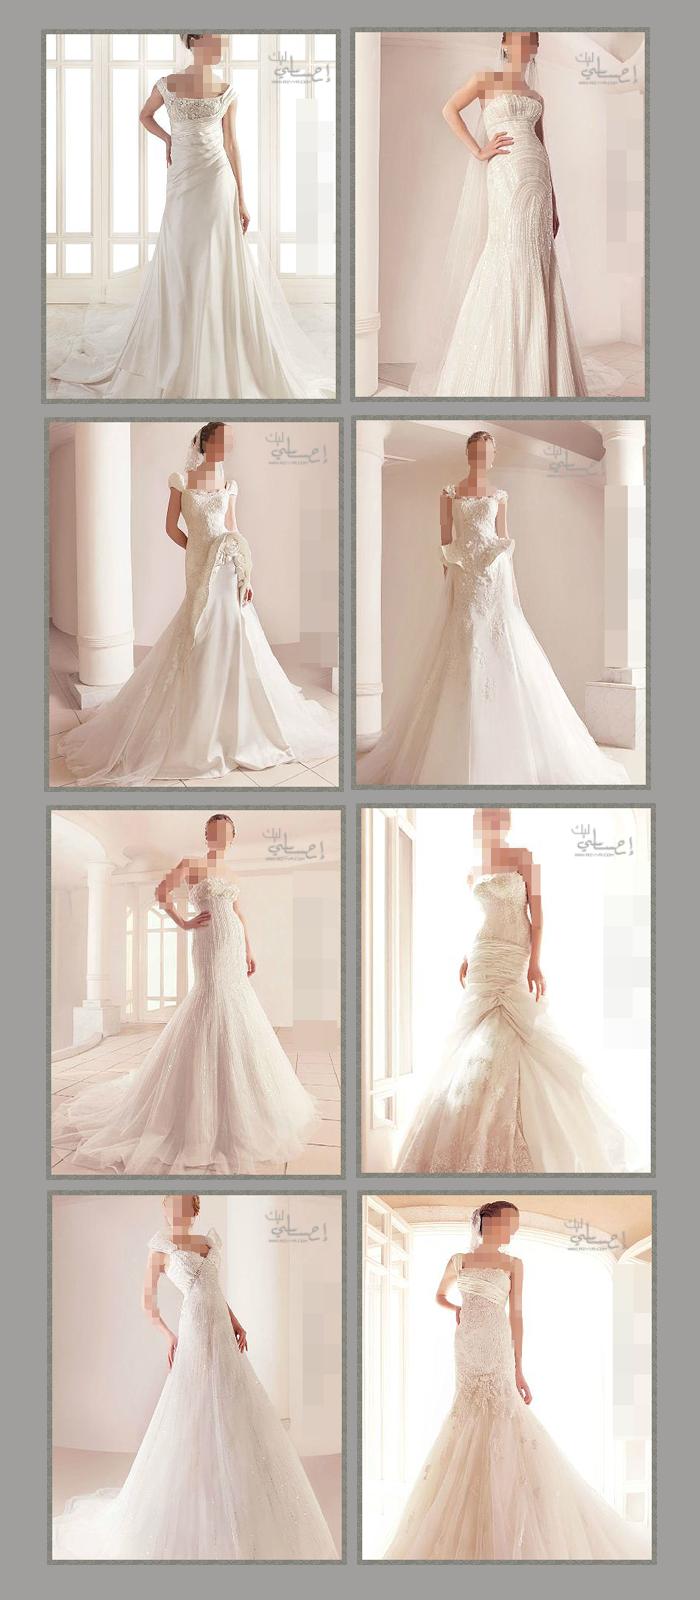 زفافك ورديههدوء وإنتعاش اللون الأزرق في التصاميم الداخليه لمنازلناياعروس:باقة زفافك